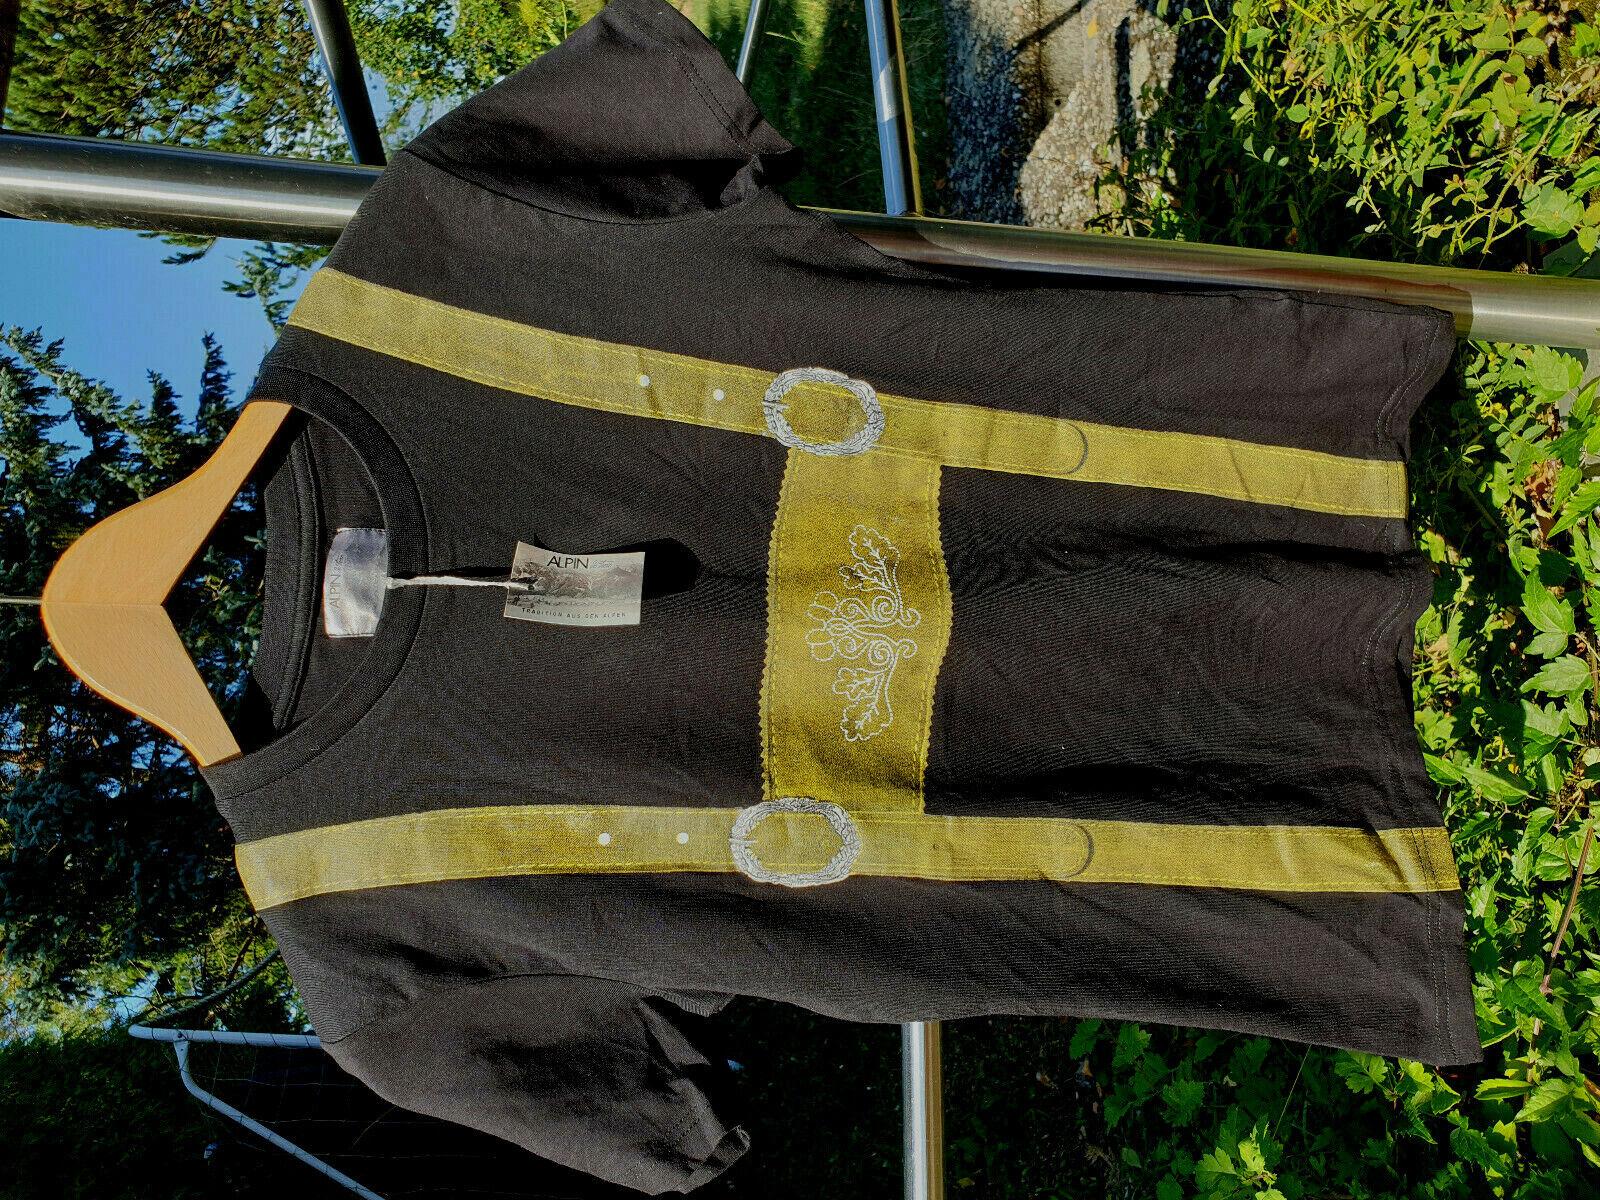 Alpin de Luxe Trachtenshirt Gr. S golden glänzend